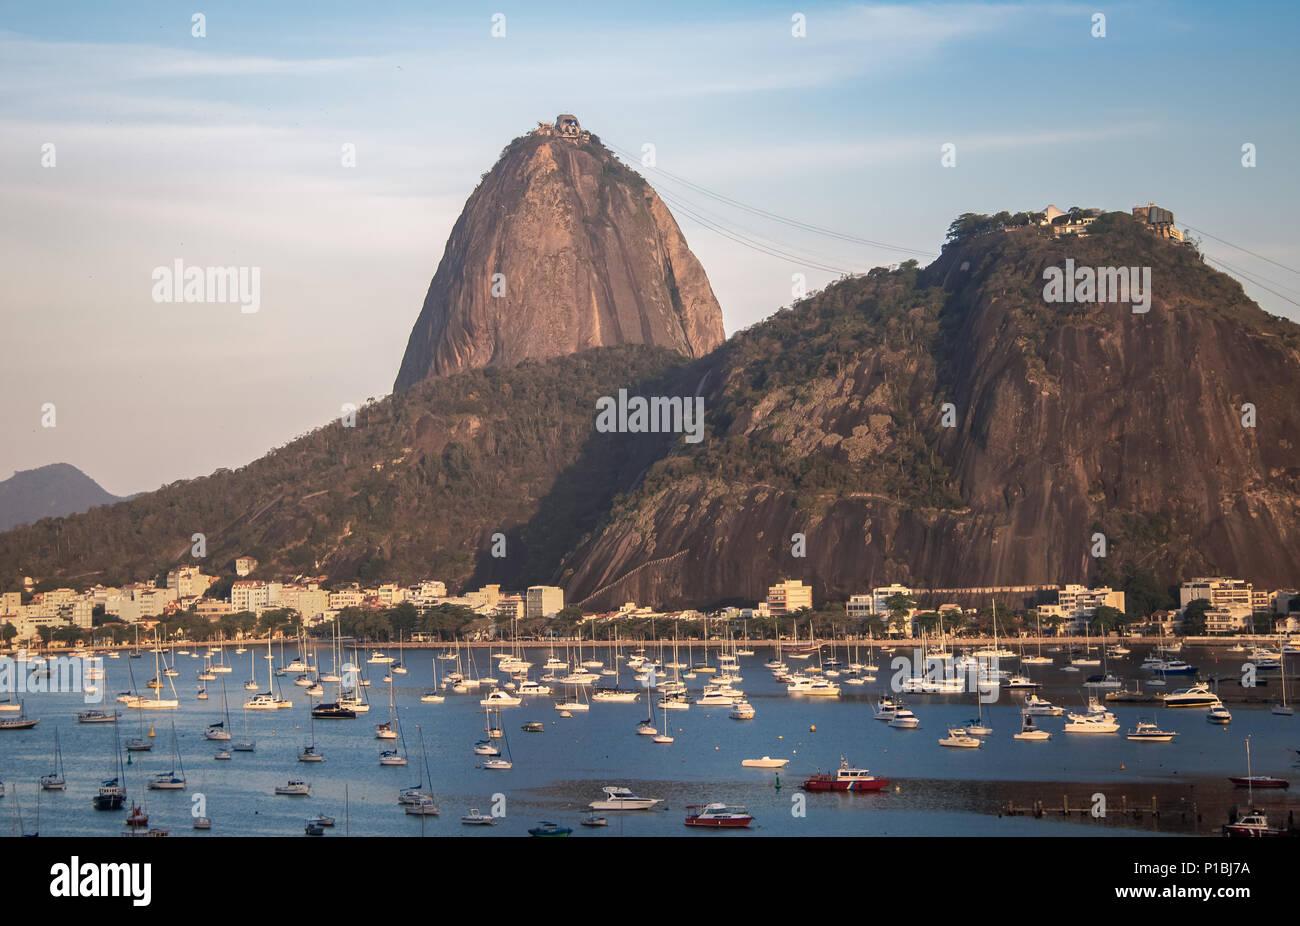 Luftaufnahme von Zuckerhut und Botafogo Strand an der Bucht von Guanabara - Rio de Janeiro, Brasilien Stockfoto